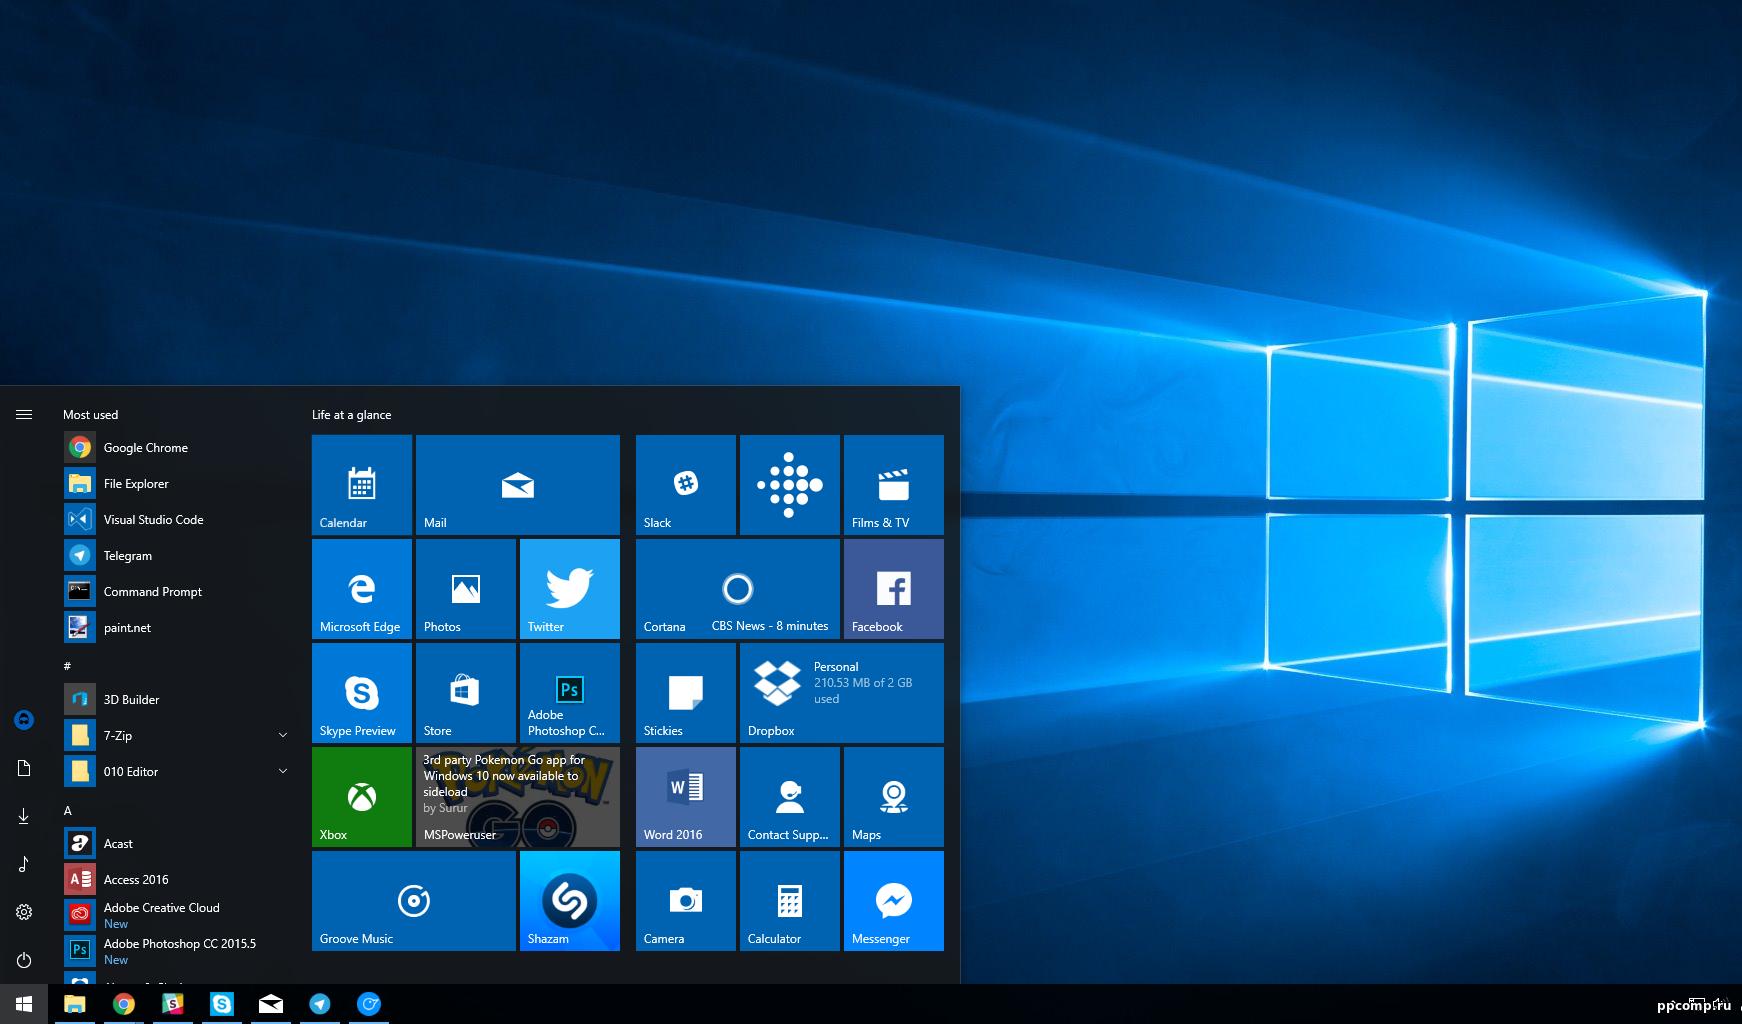 Как сделать просмотр на windows 7